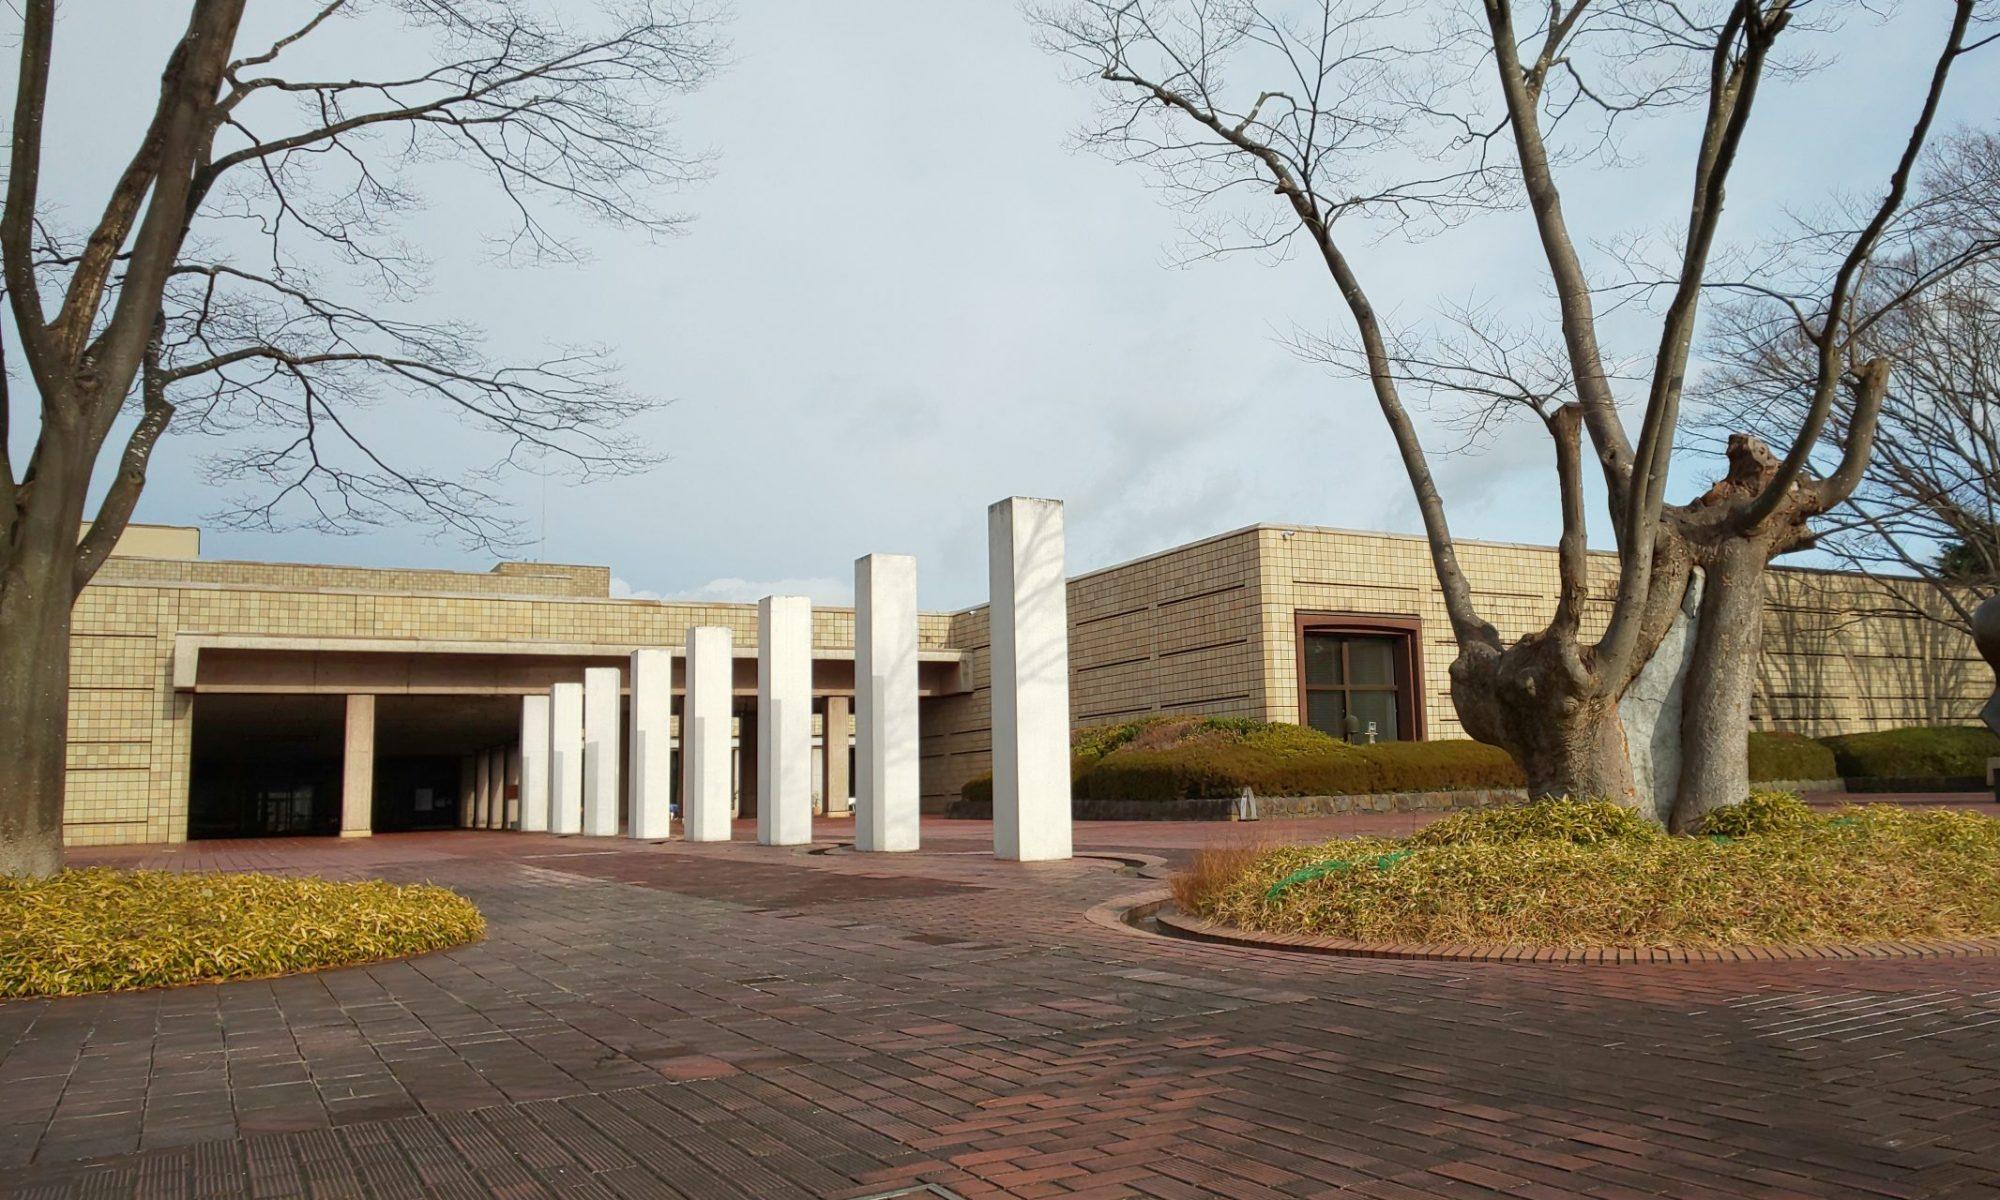 宮城県美術館の移転、県民会館との集約化の方針についてのアンケート